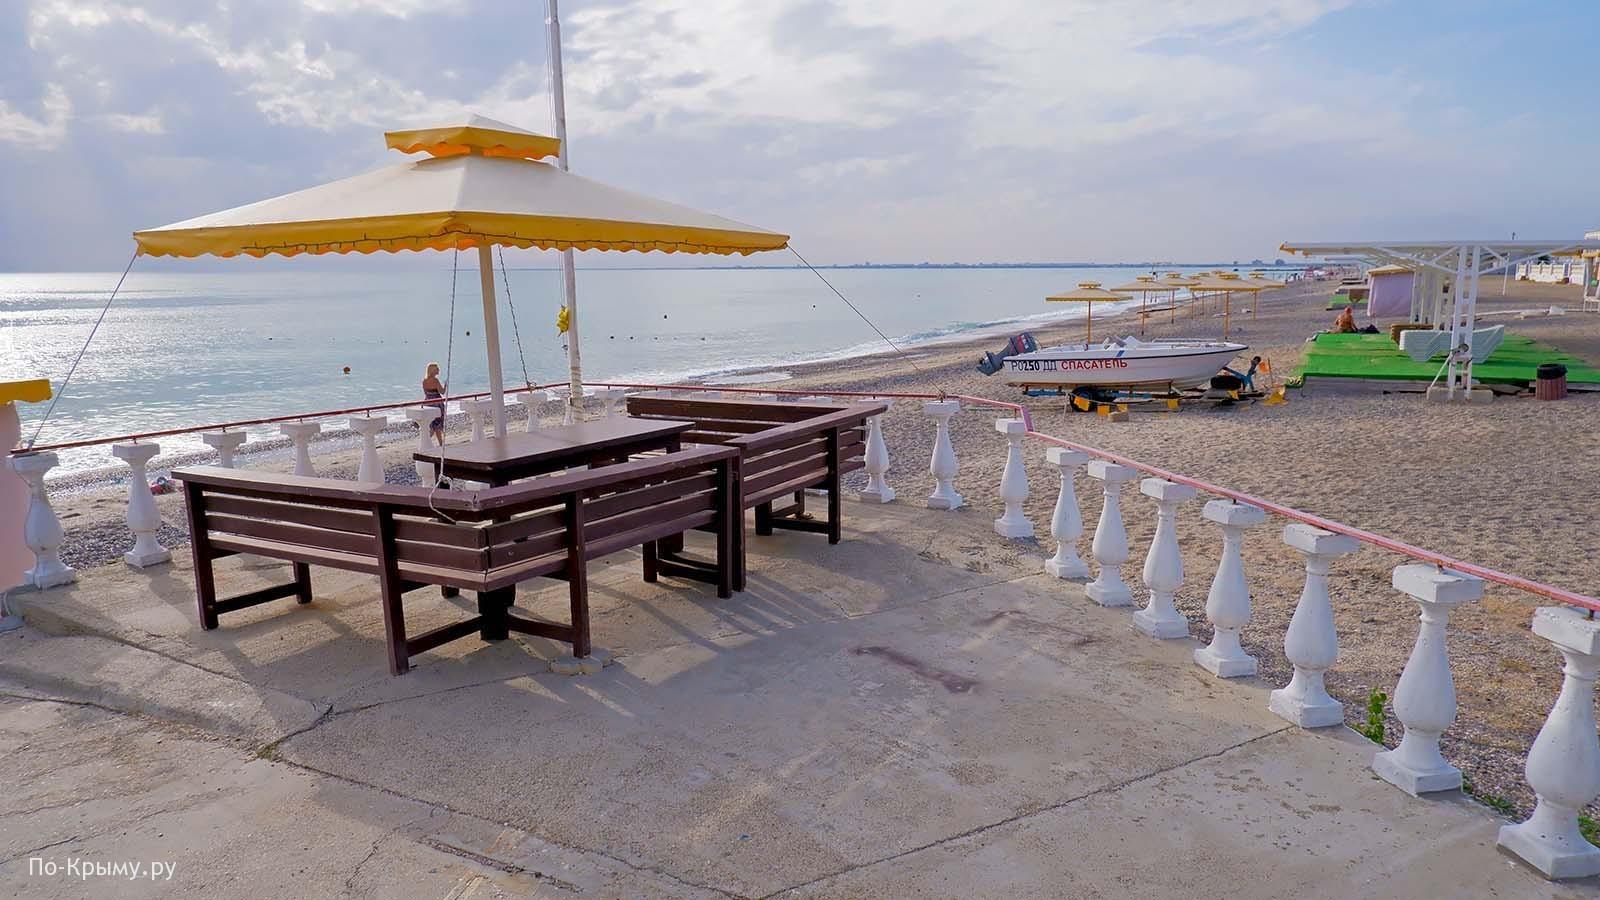 Пляж Солнышко в Евпатории, Крым